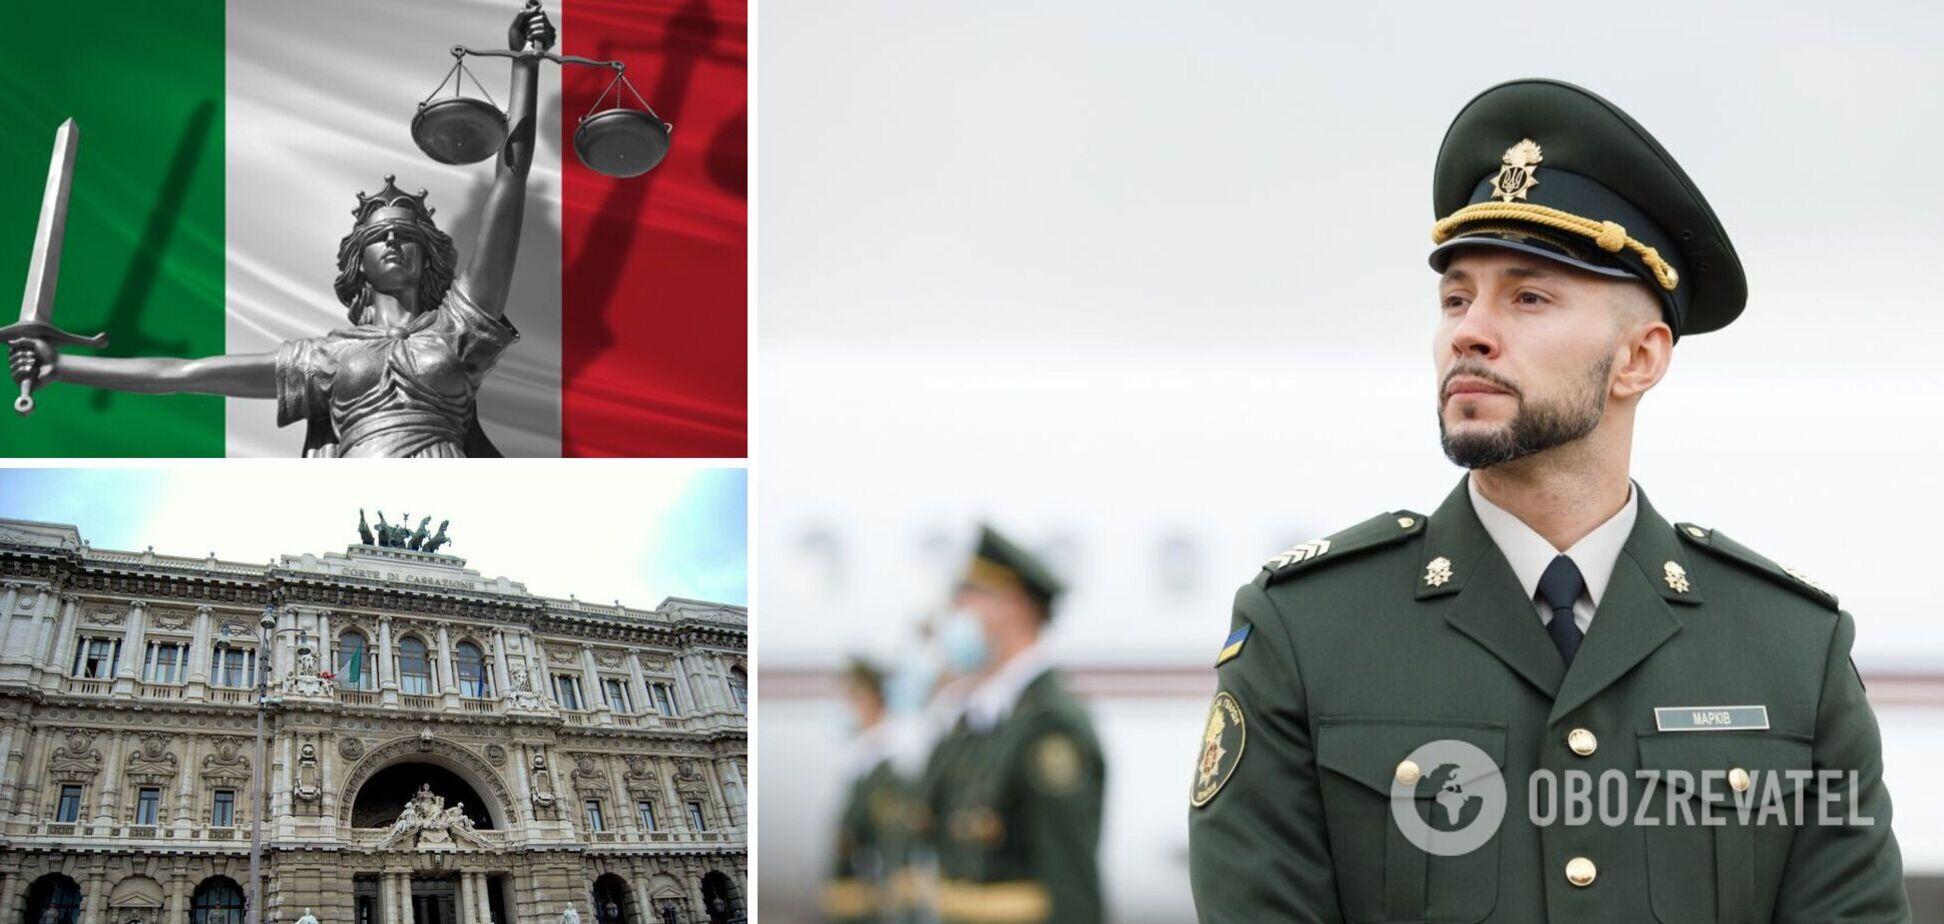 В Италии захотели обжаловать оправдательный приговор воина НГУ Маркива